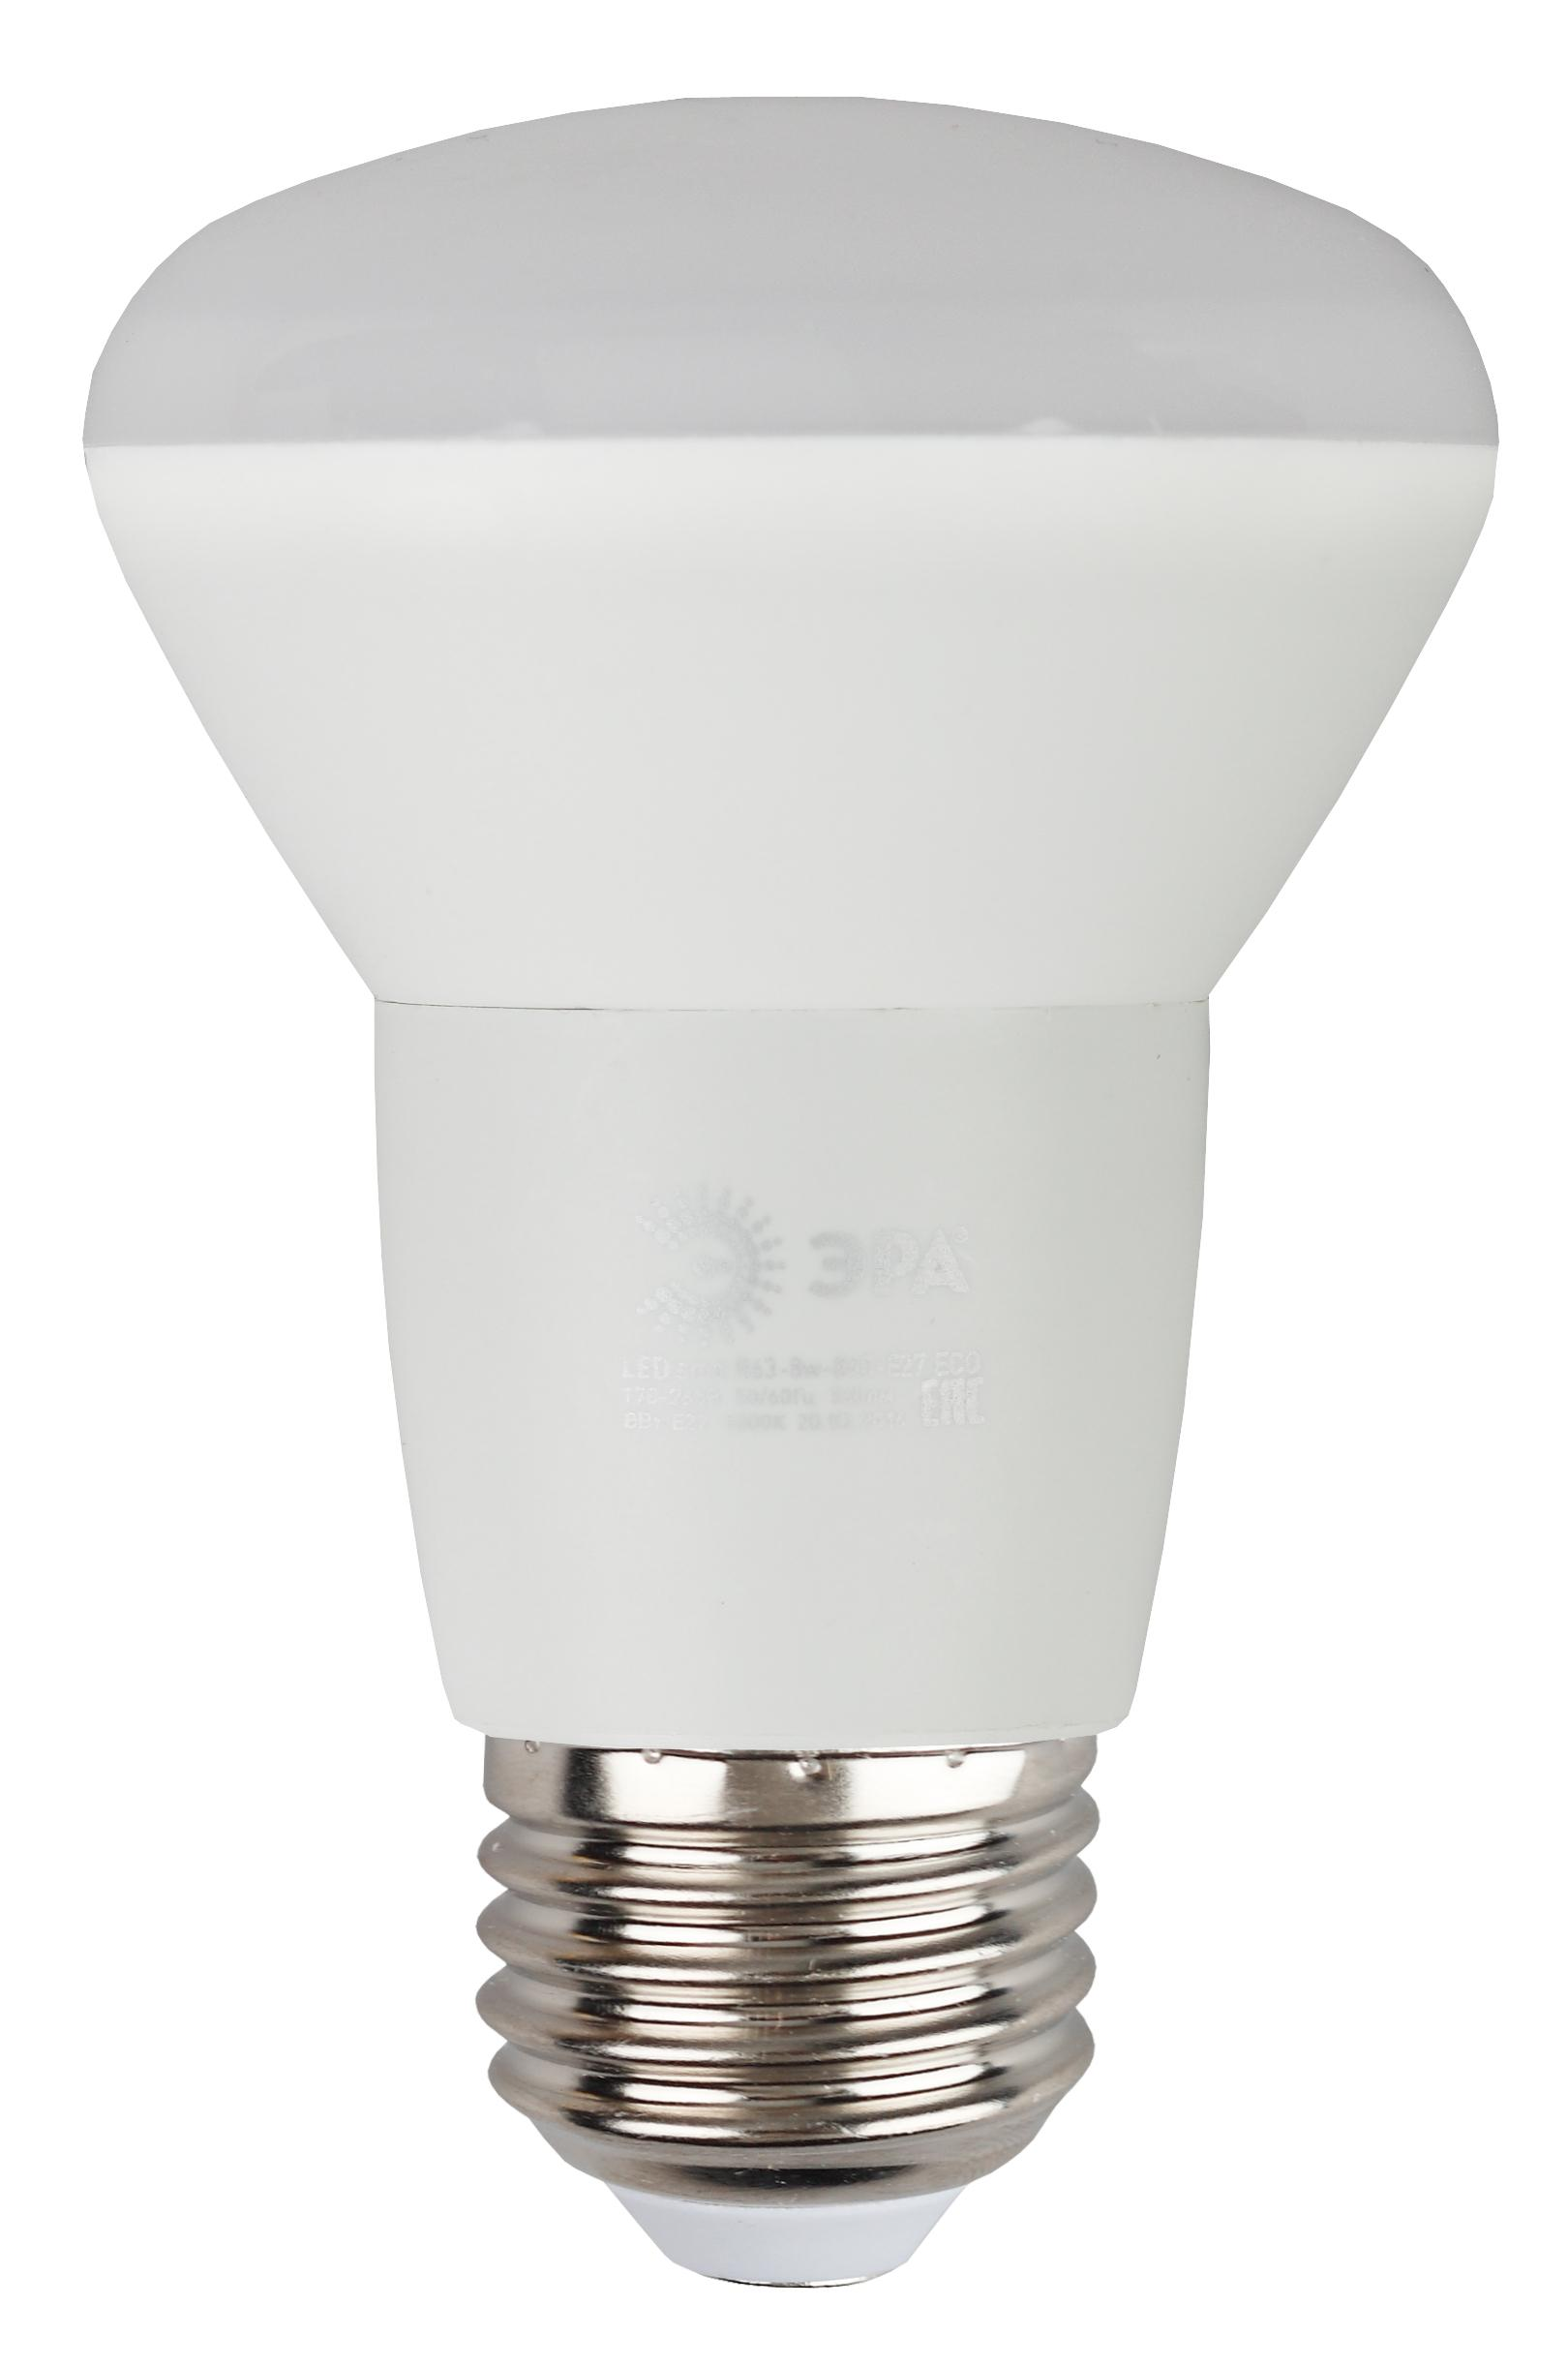 Лампа светодиодная ЭРА Led smd r63-8w-840-e27_eco лампа светодиодная эра led smd bxs 7w 840 e14 clear